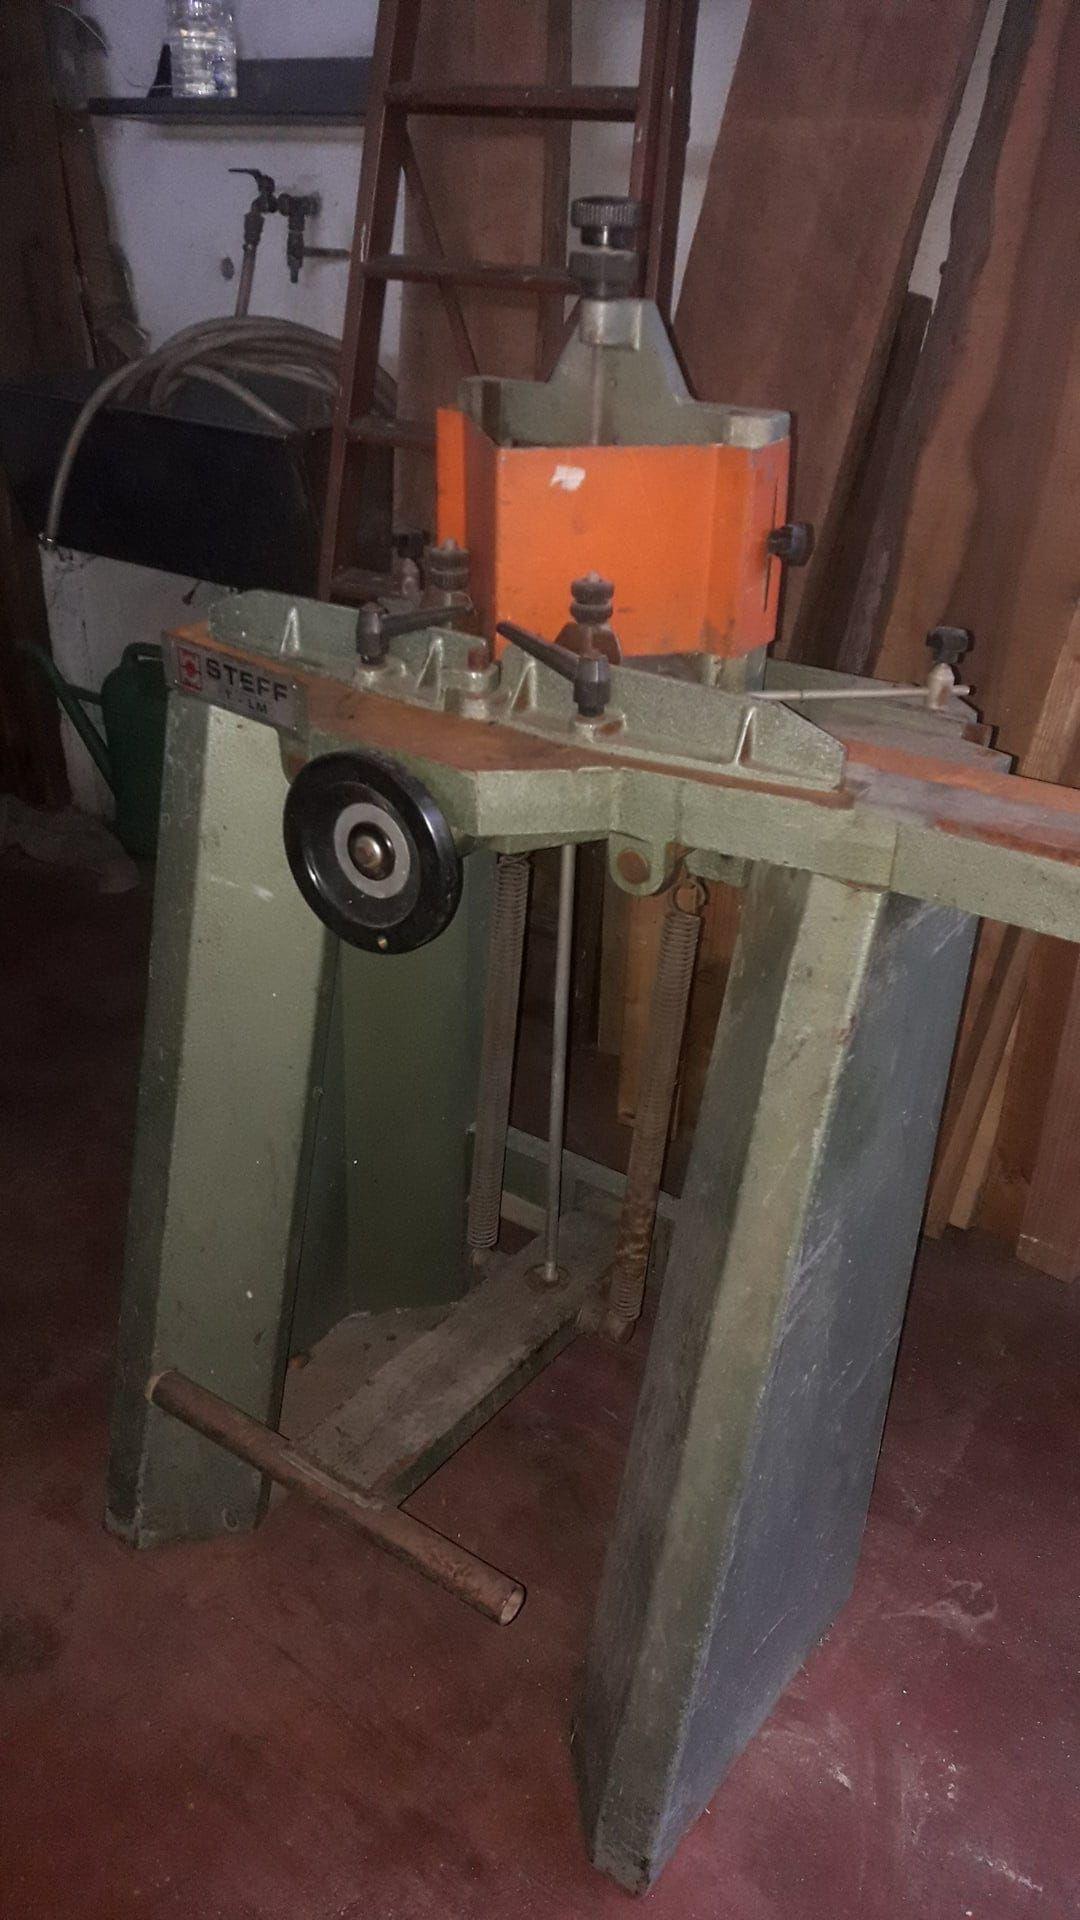 STEFF T - LM Rahmenschneidemaschine